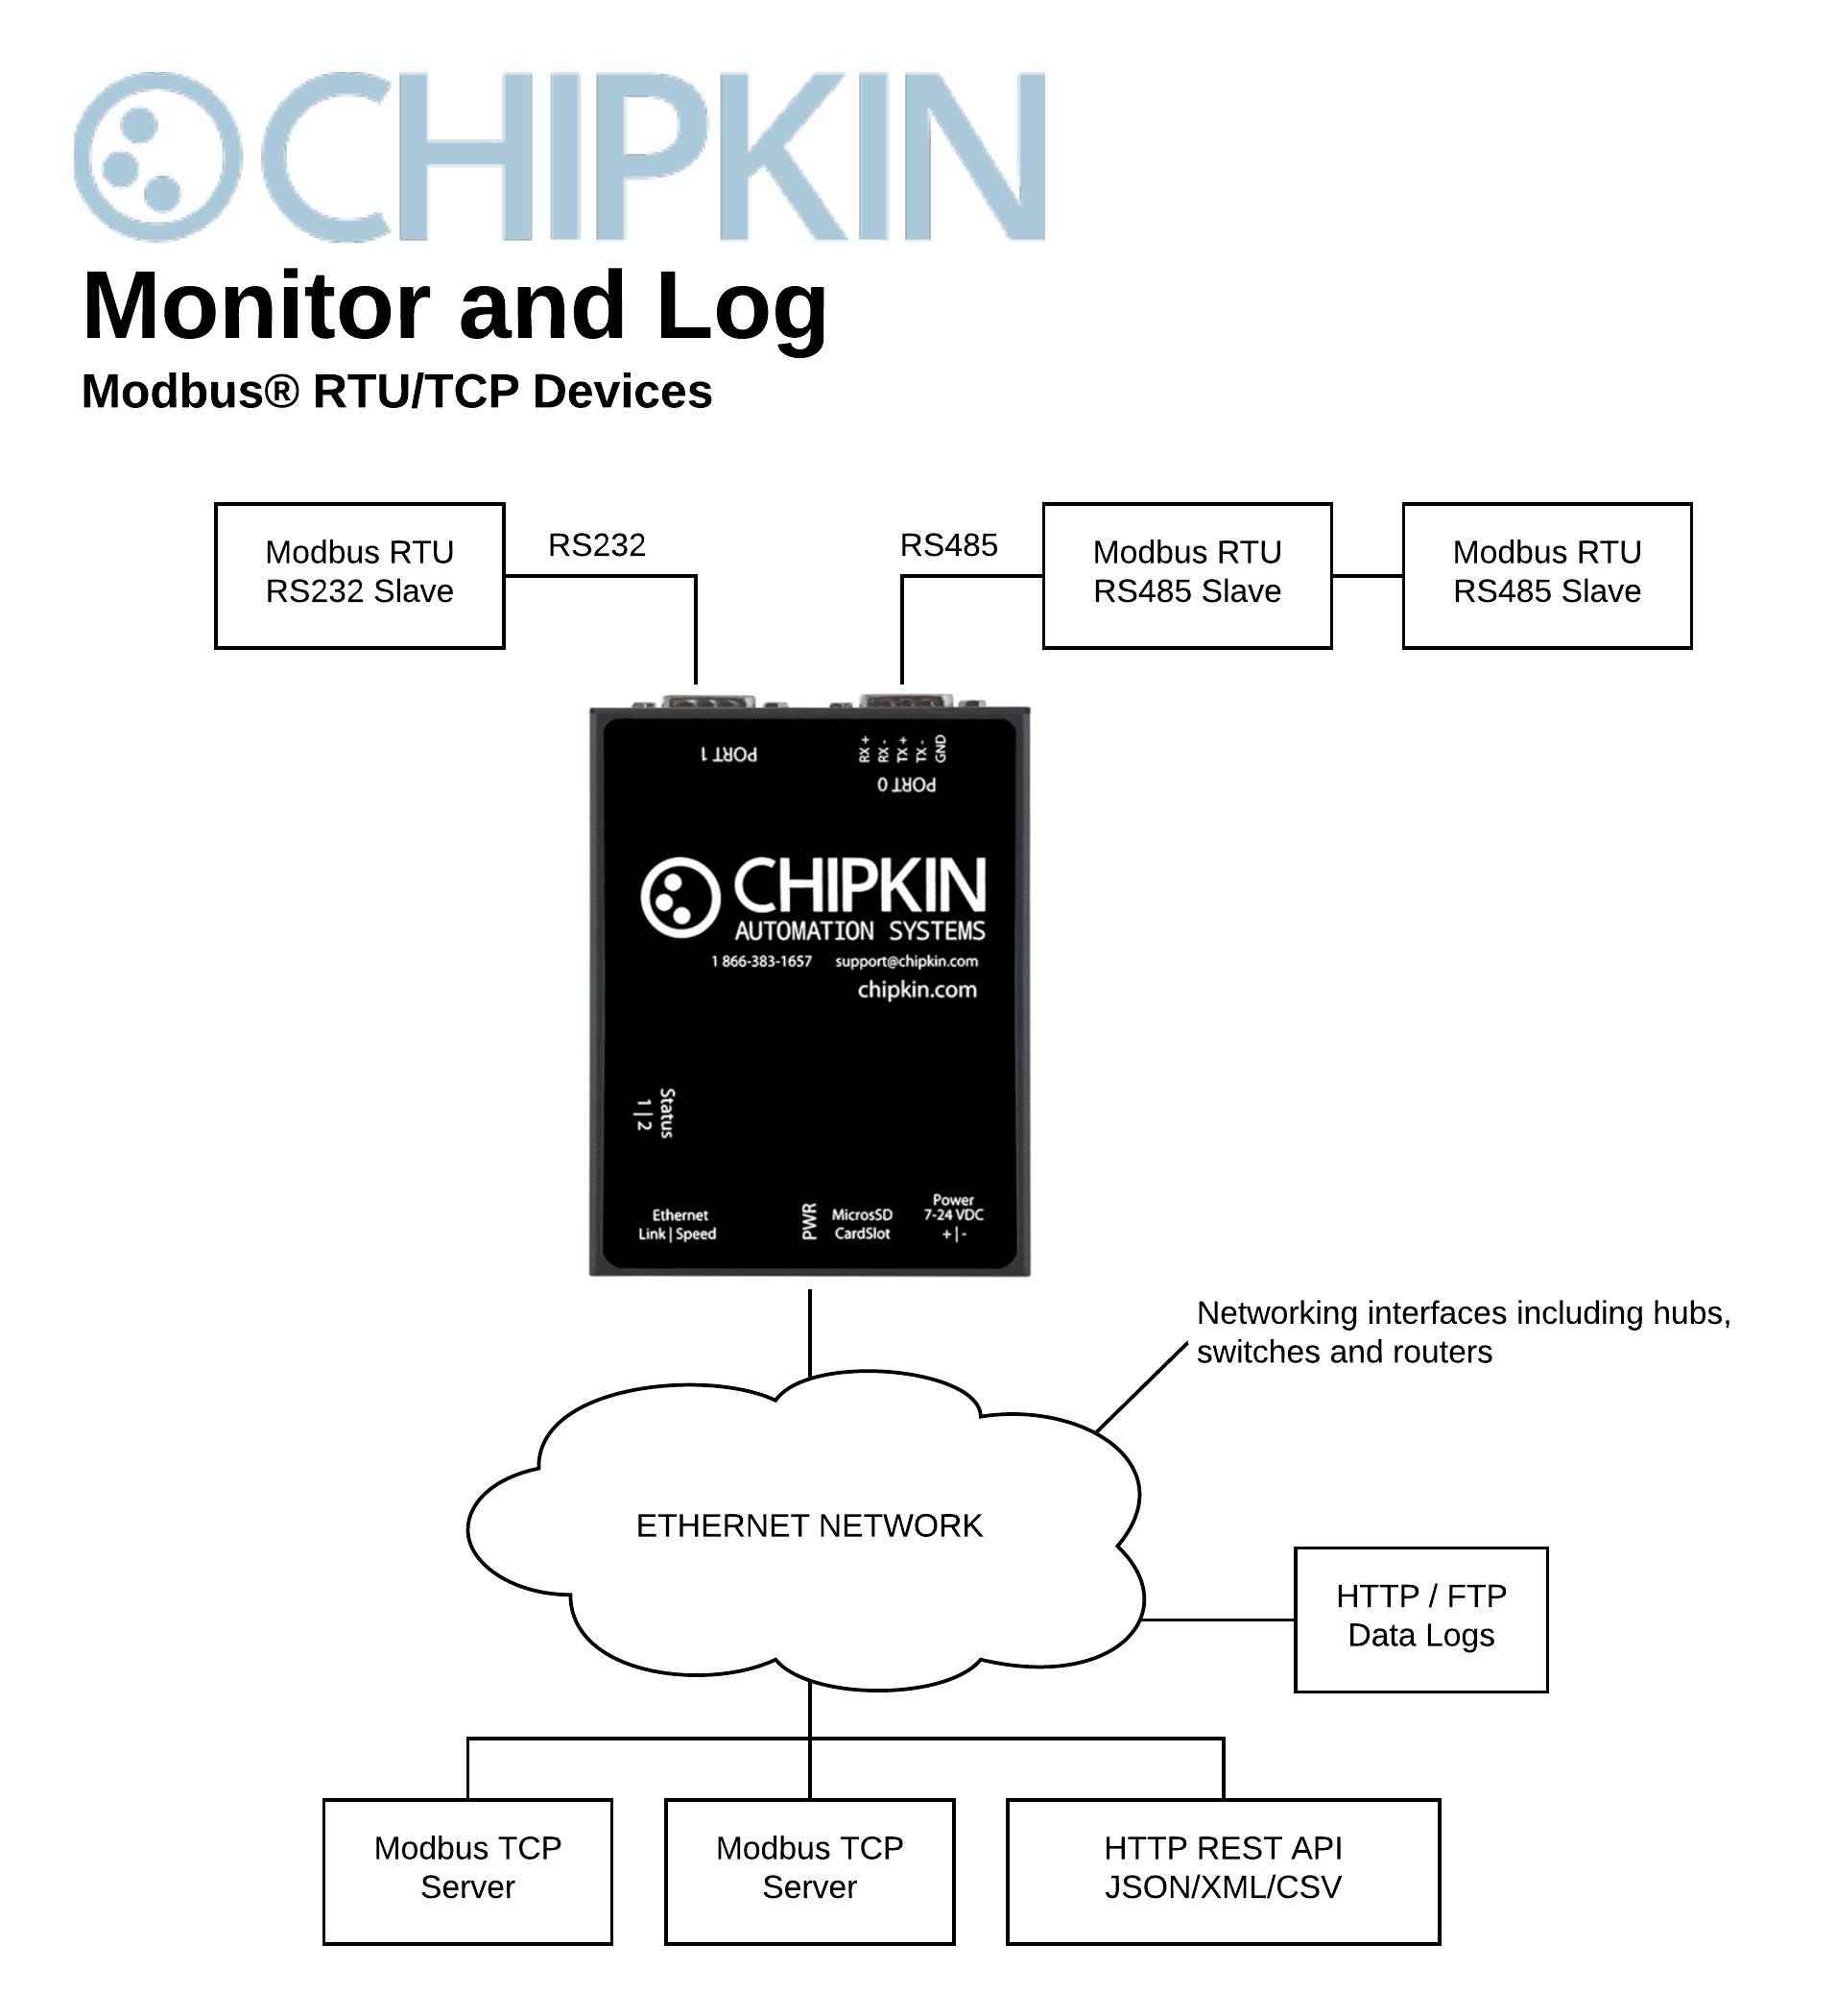 Modbus Data Client/Logger